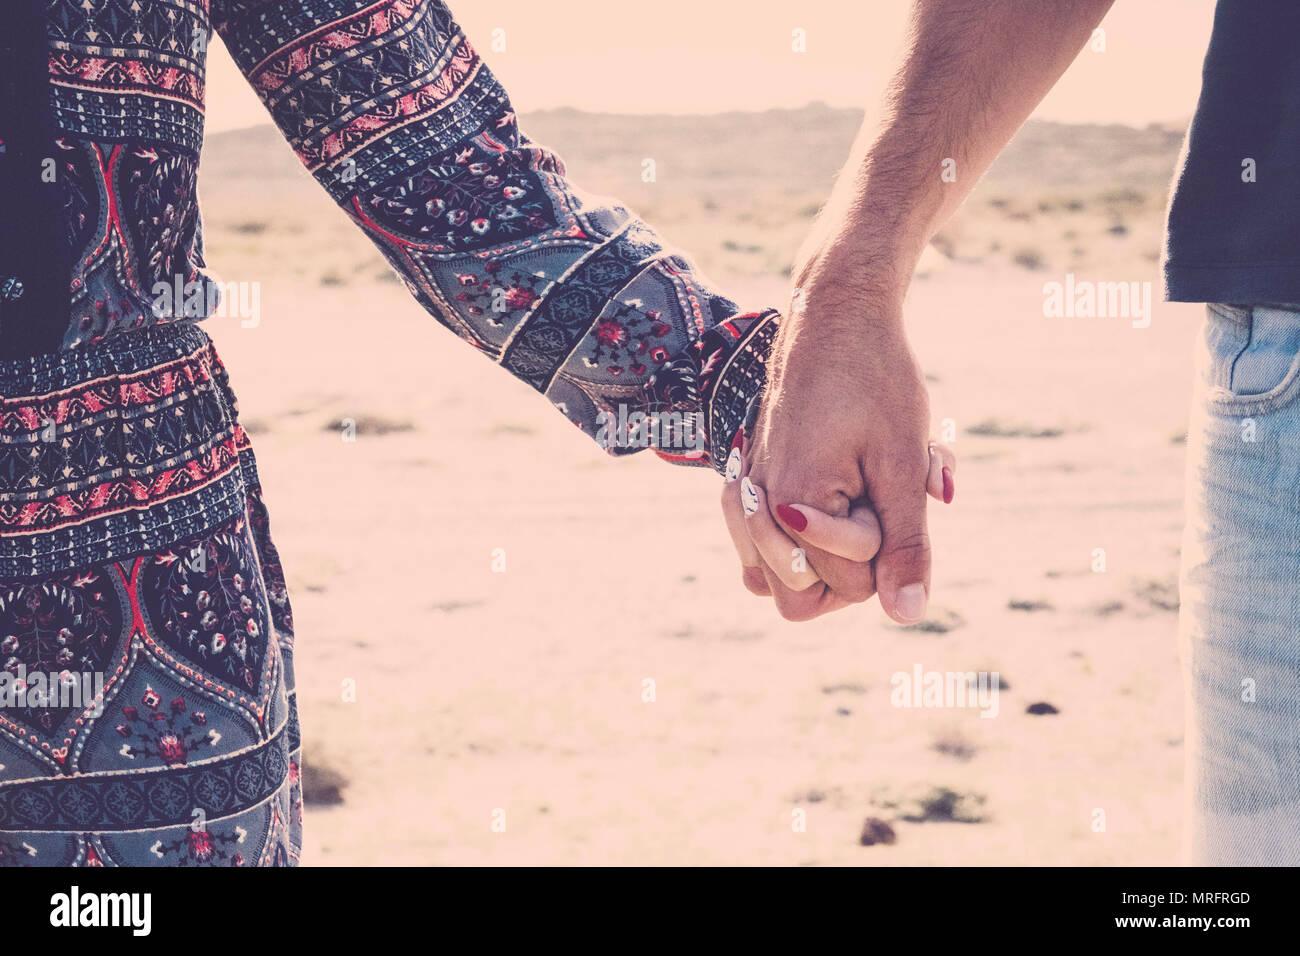 In prossimità della coppia di mani insieme toccando holding per vero vero amore tra caucasian donna e uomo. giovani viaggiatori in vacanza con spiaggia destinat Immagini Stock